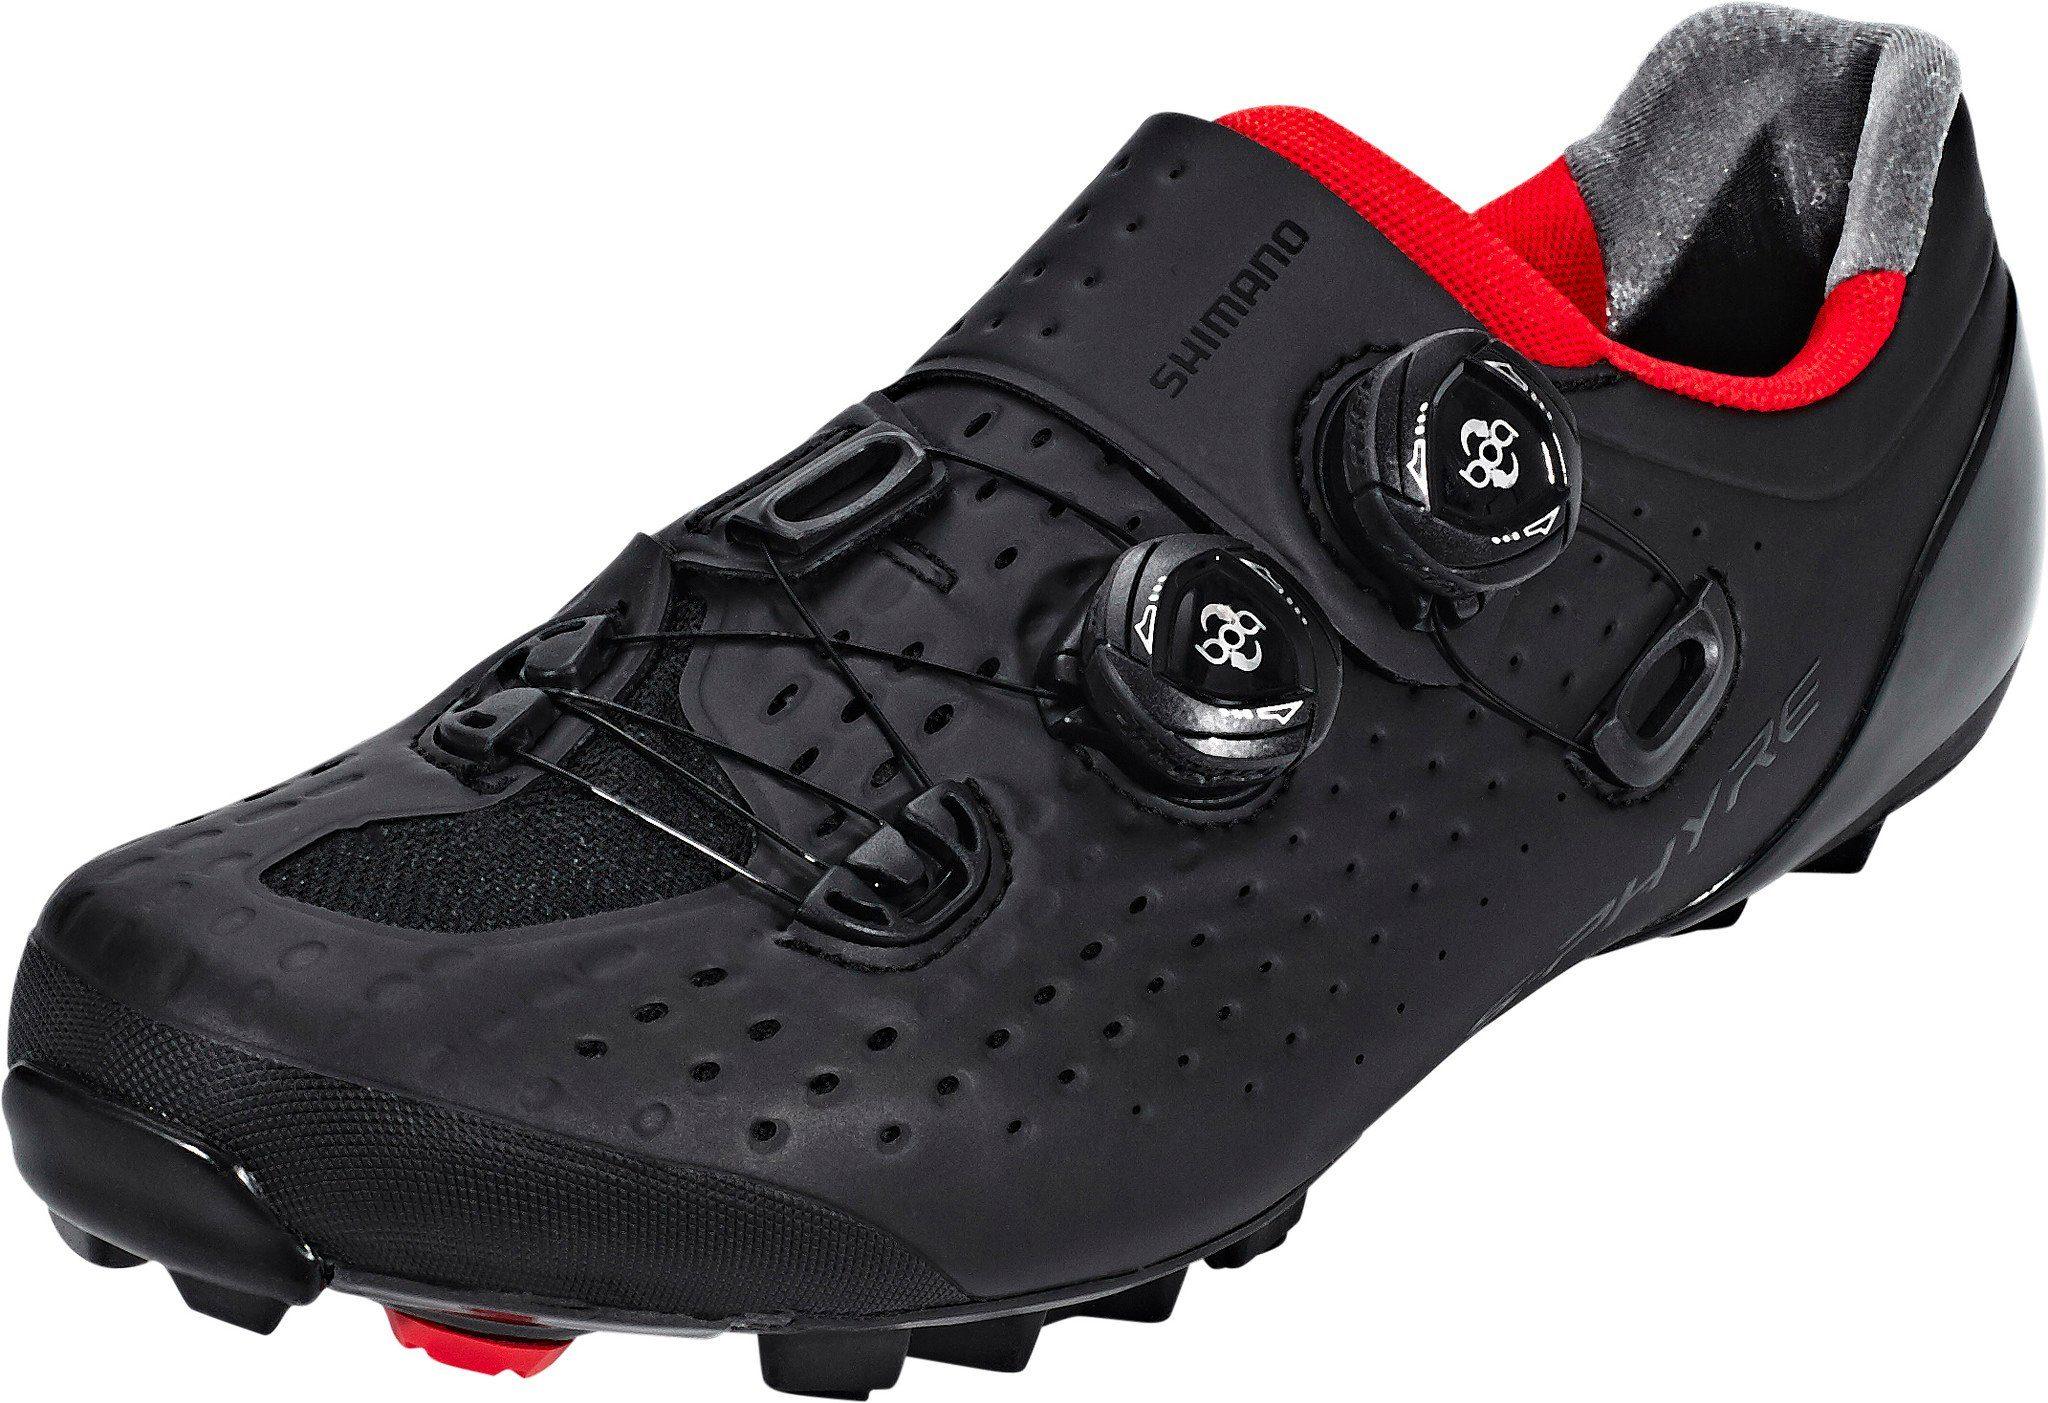 Shimano Fahrradschuhe SH-XC9L Schuhe Unisex  schwarz